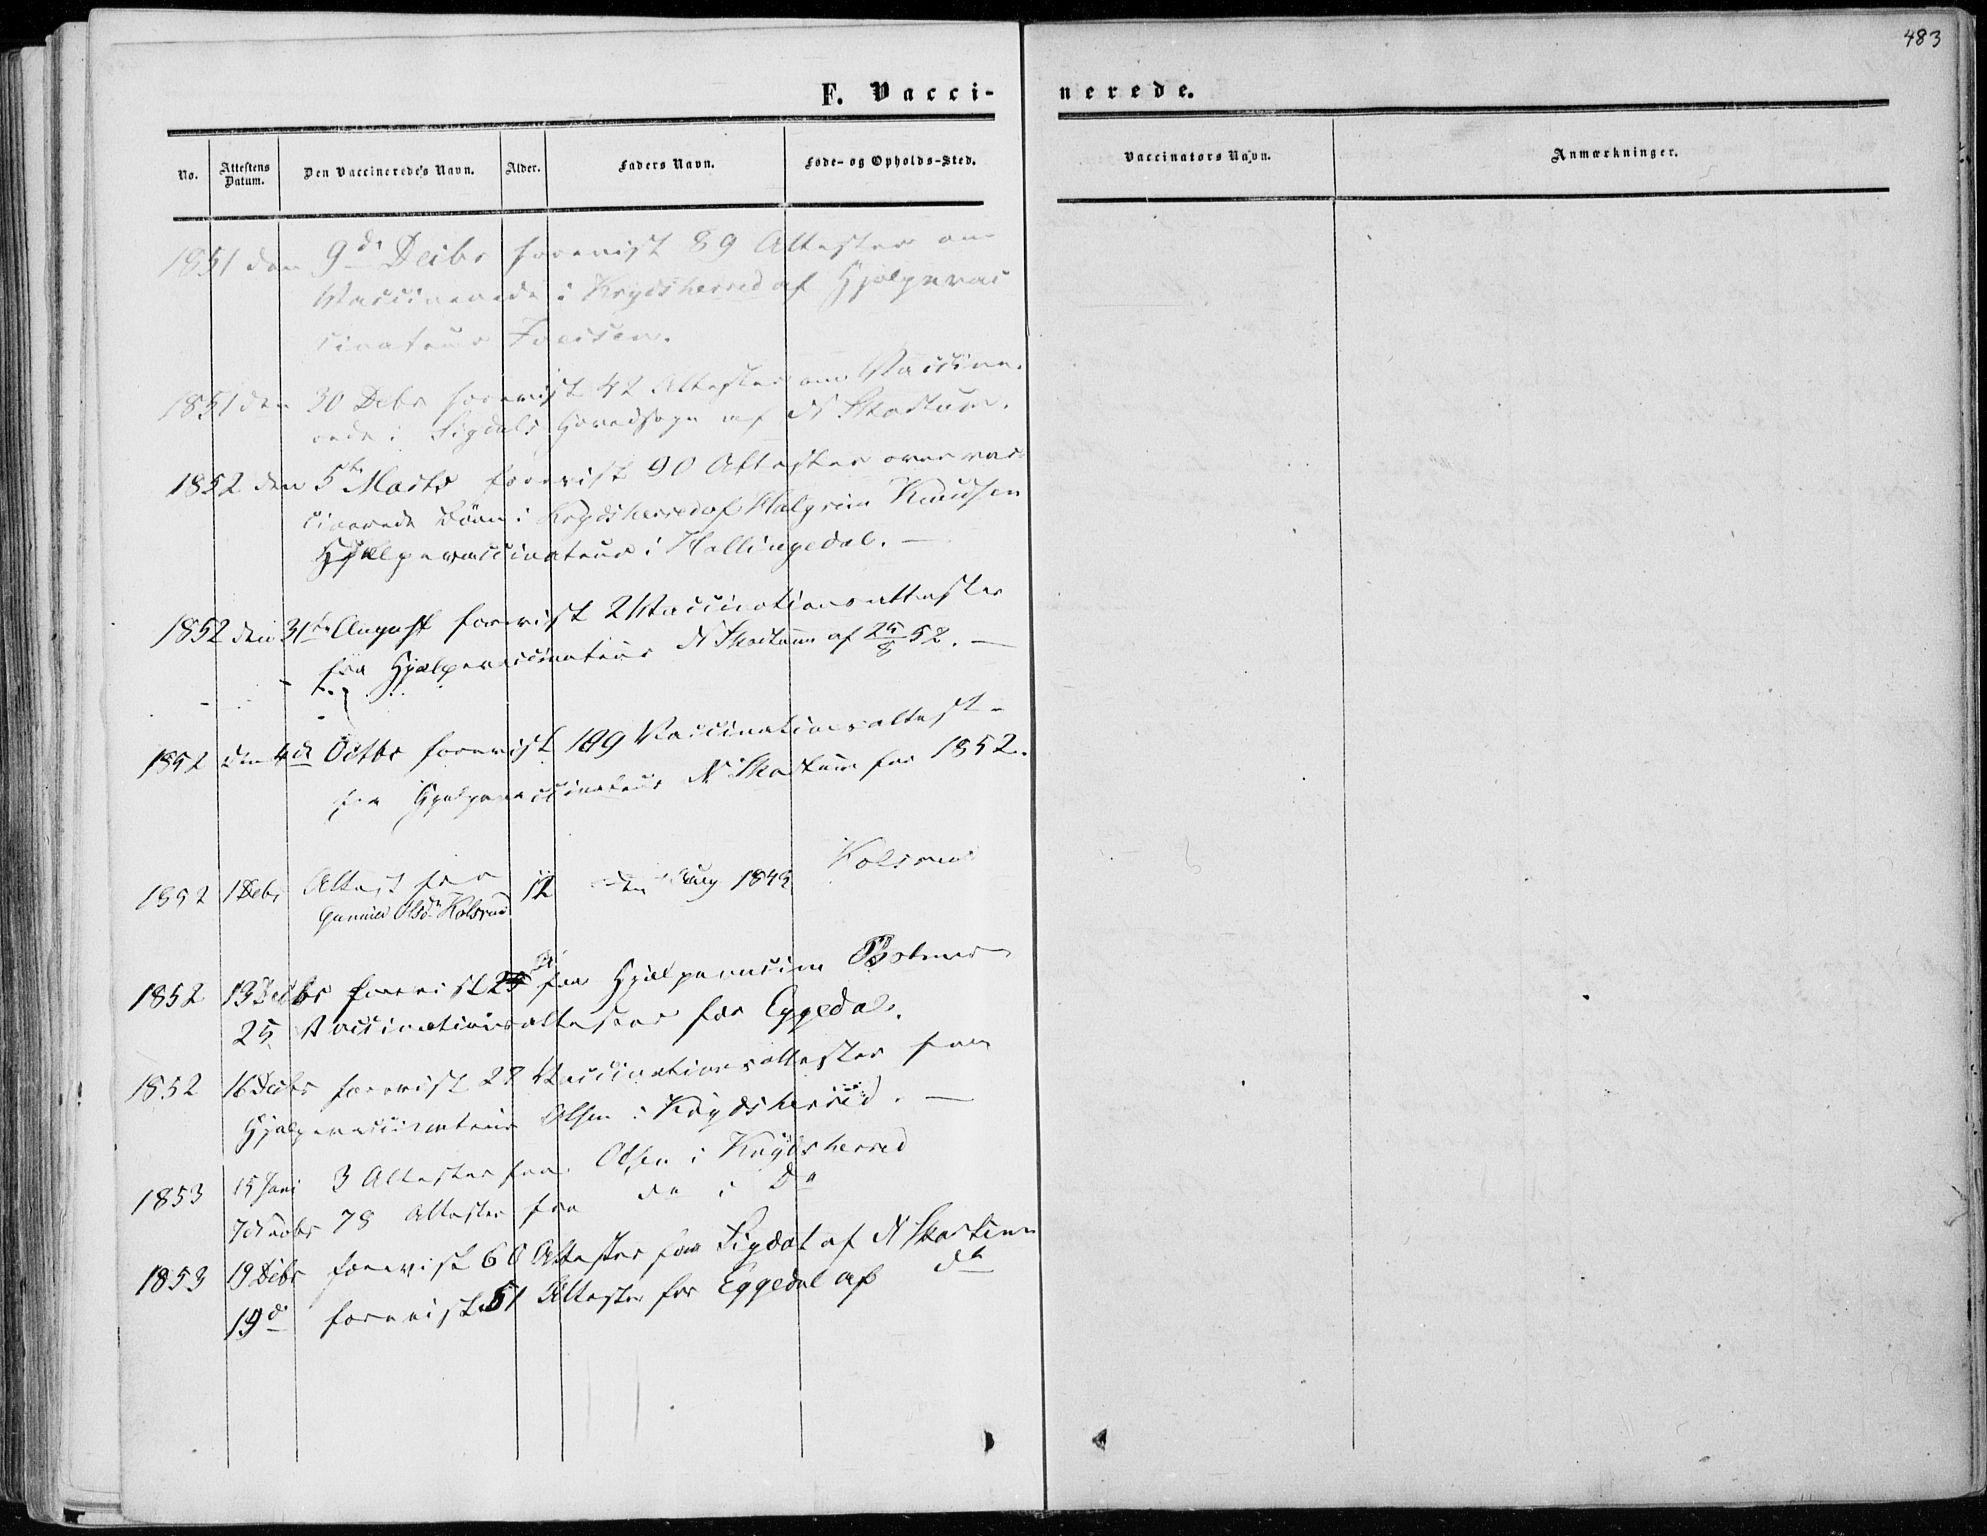 SAKO, Sigdal kirkebøker, F/Fa/L0008: Ministerialbok nr. I 8, 1850-1859, s. 483